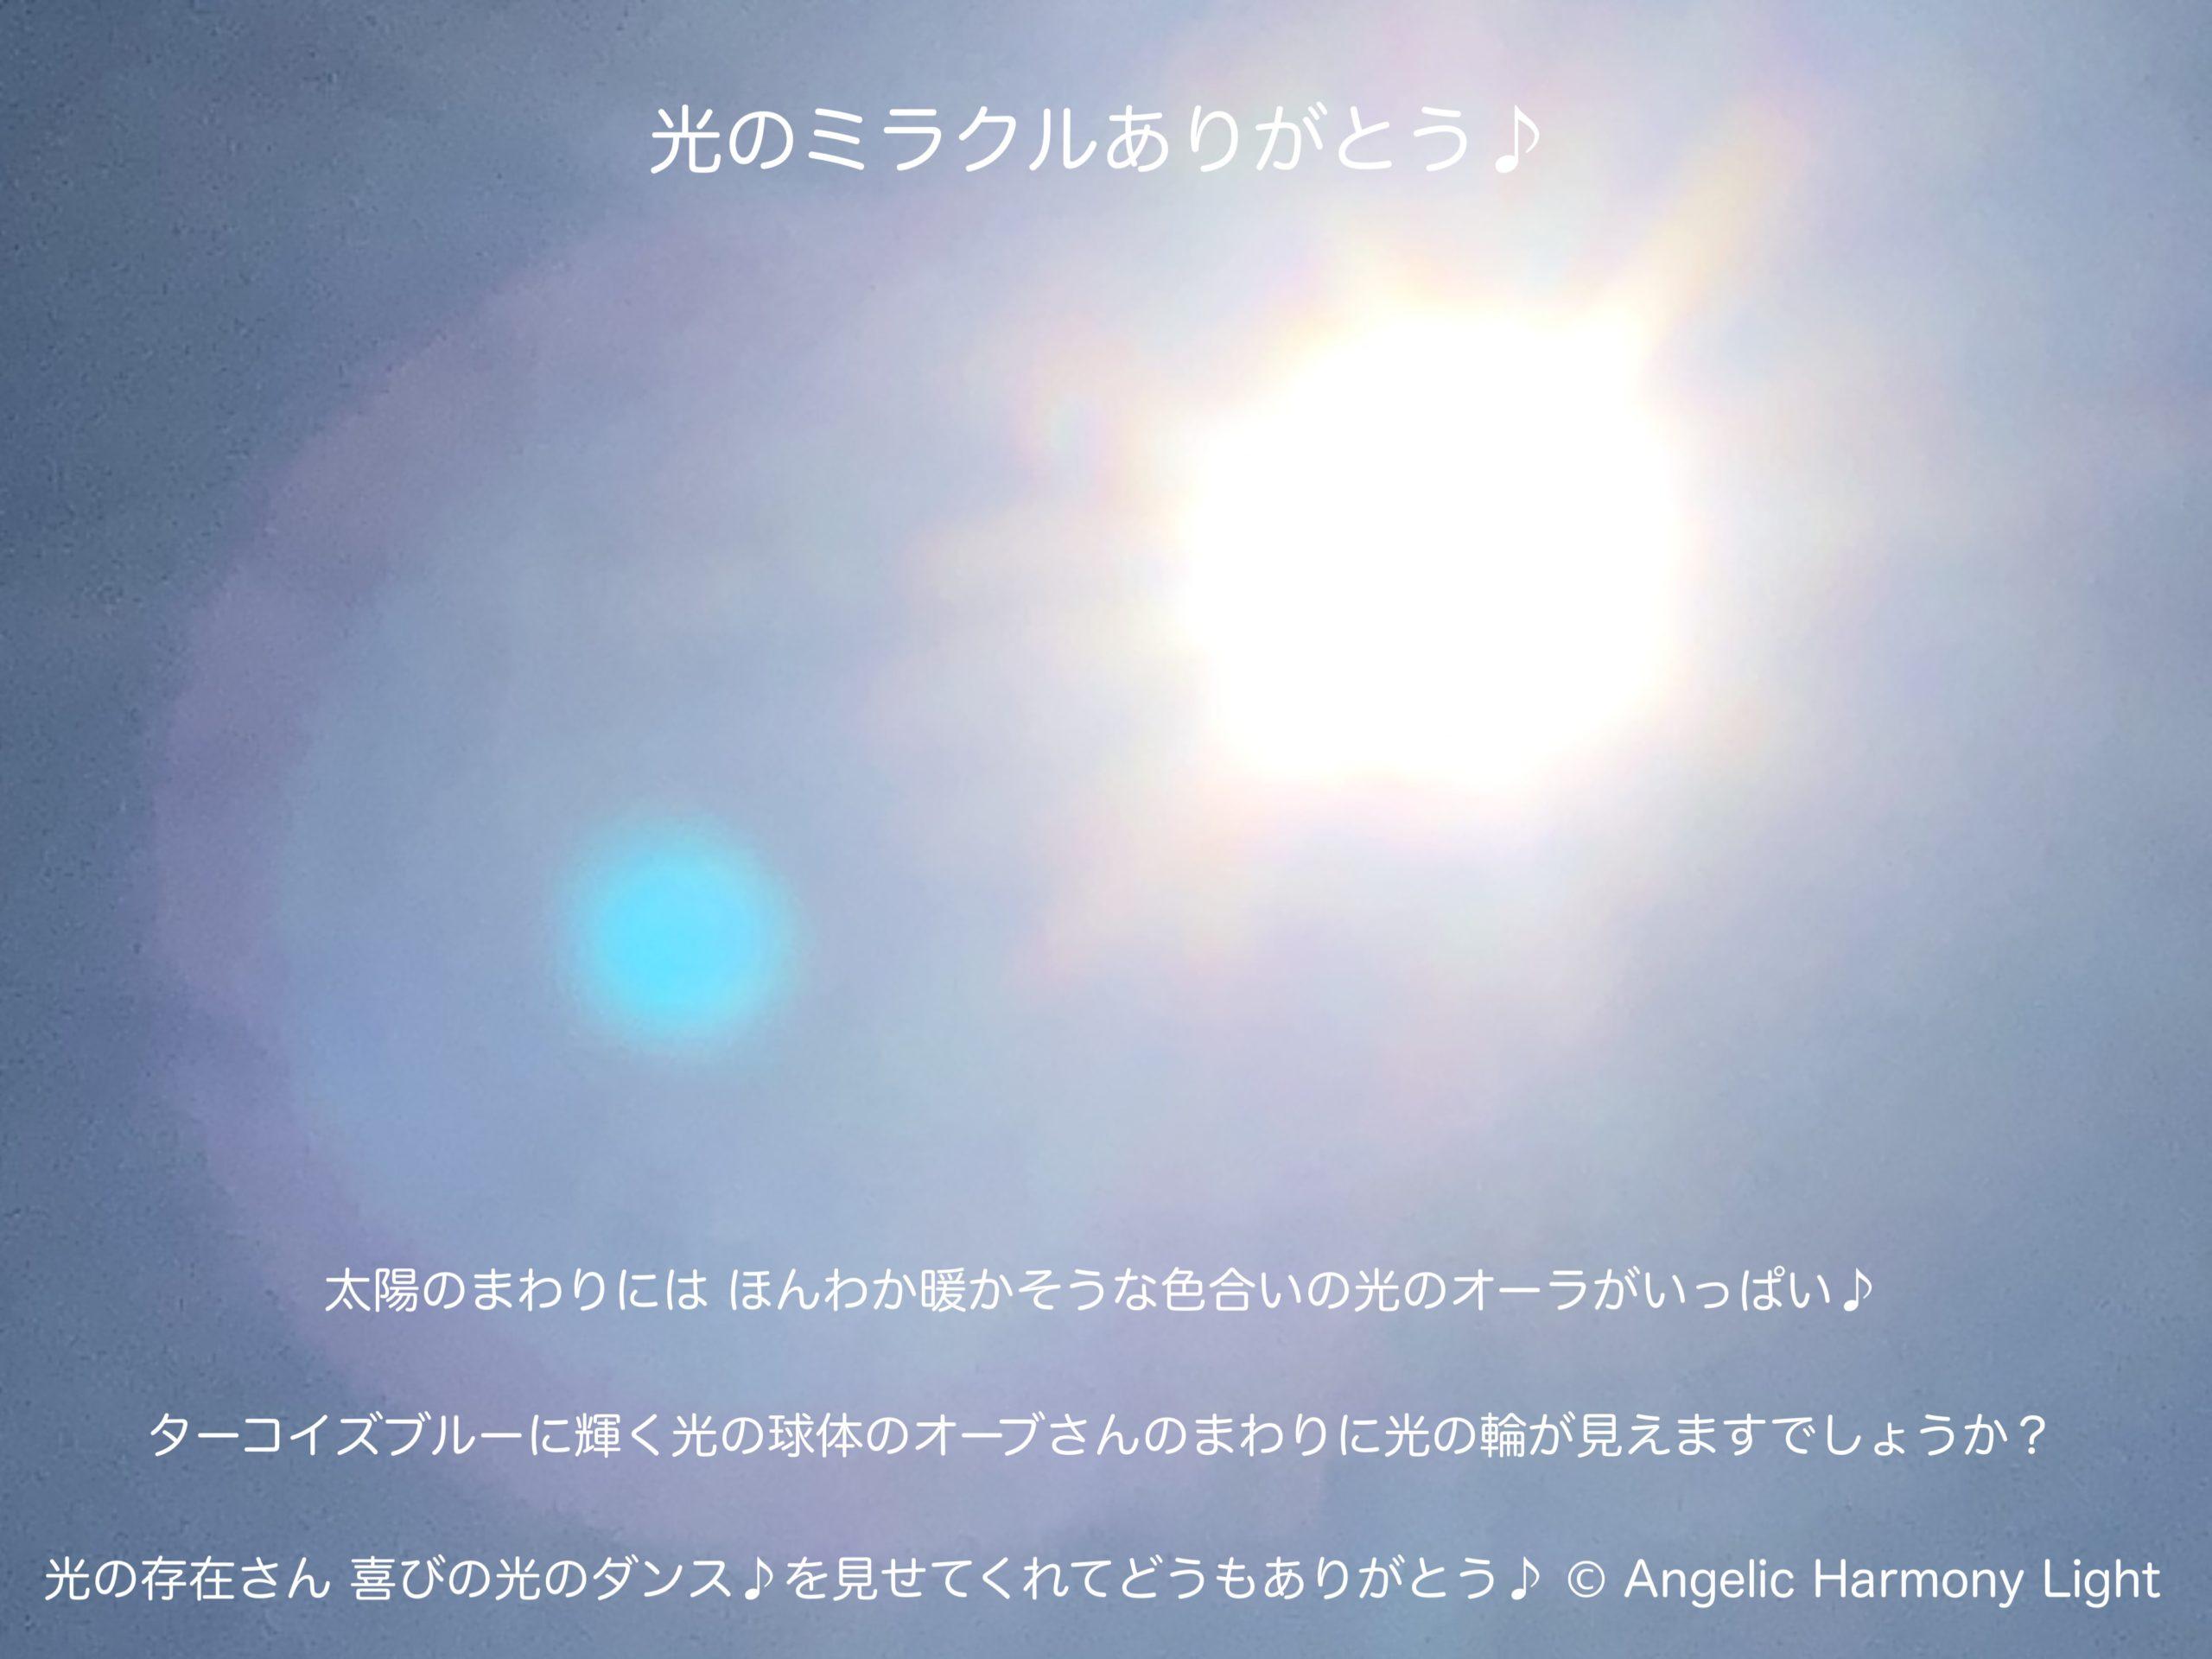 太陽のほんわかオーラとターコイズブルーのオーブさんの光のダンス♪